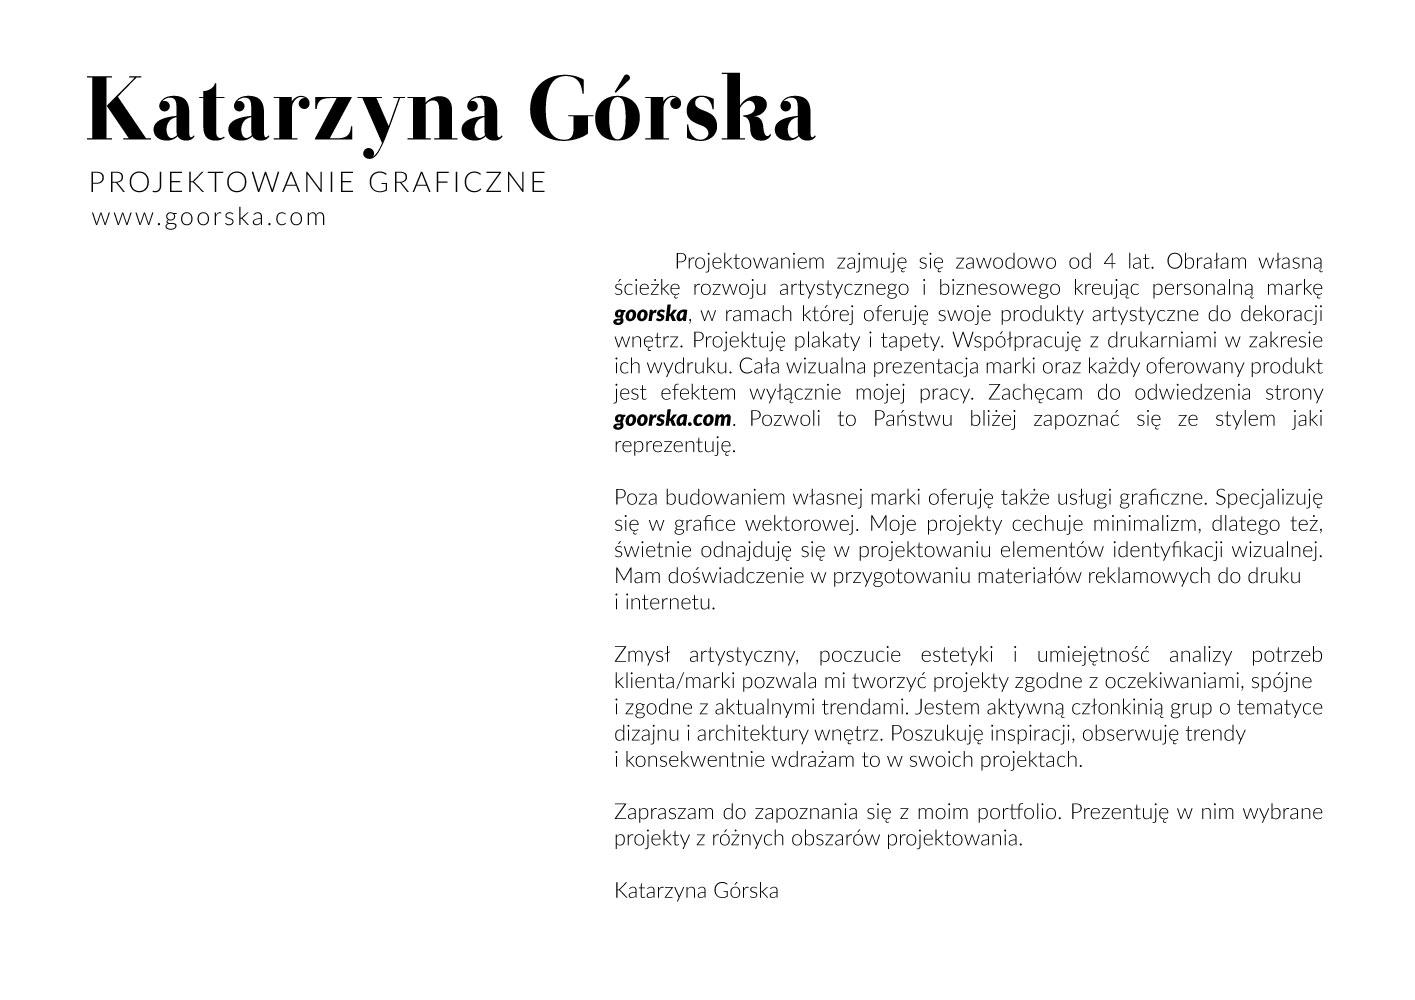 katarzyna_górska_prezentacja_1.jpg